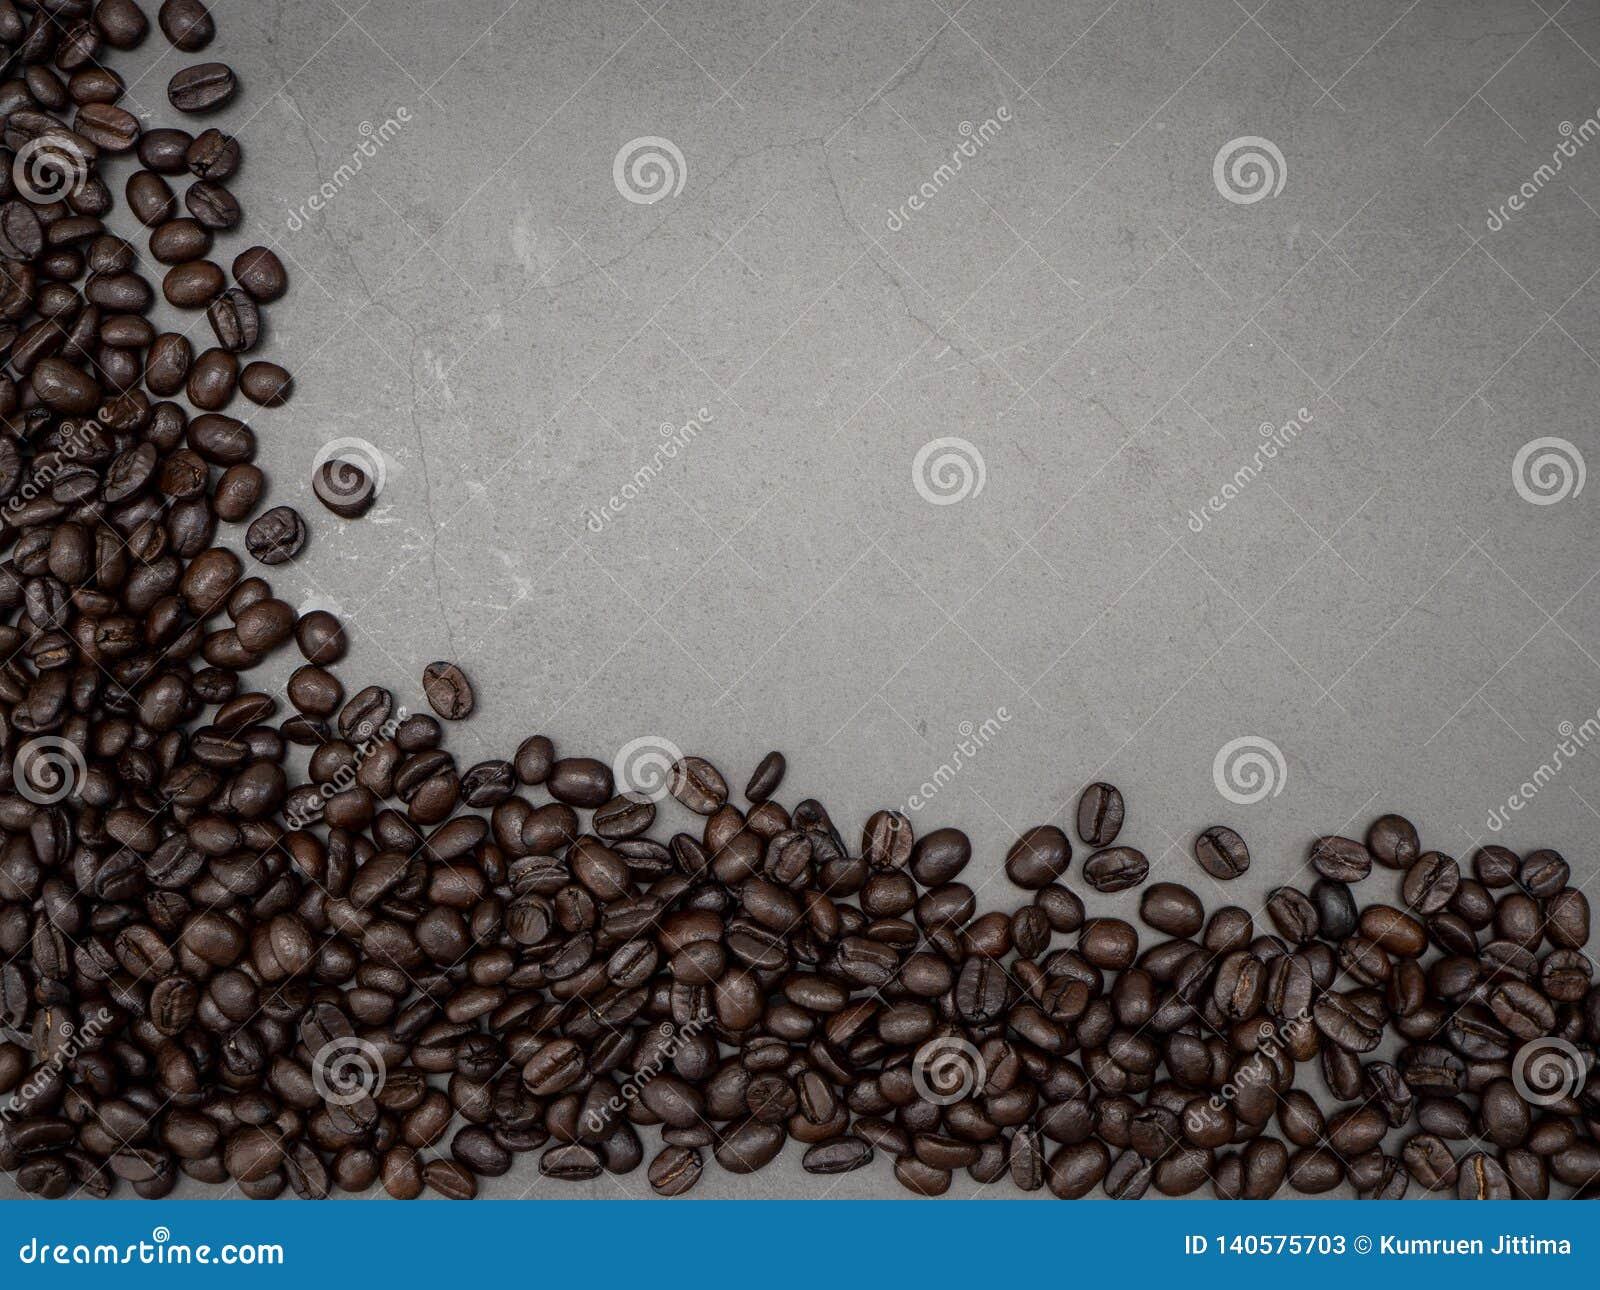 Feld-Kaffeebohnen auf dunklem Hintergrund